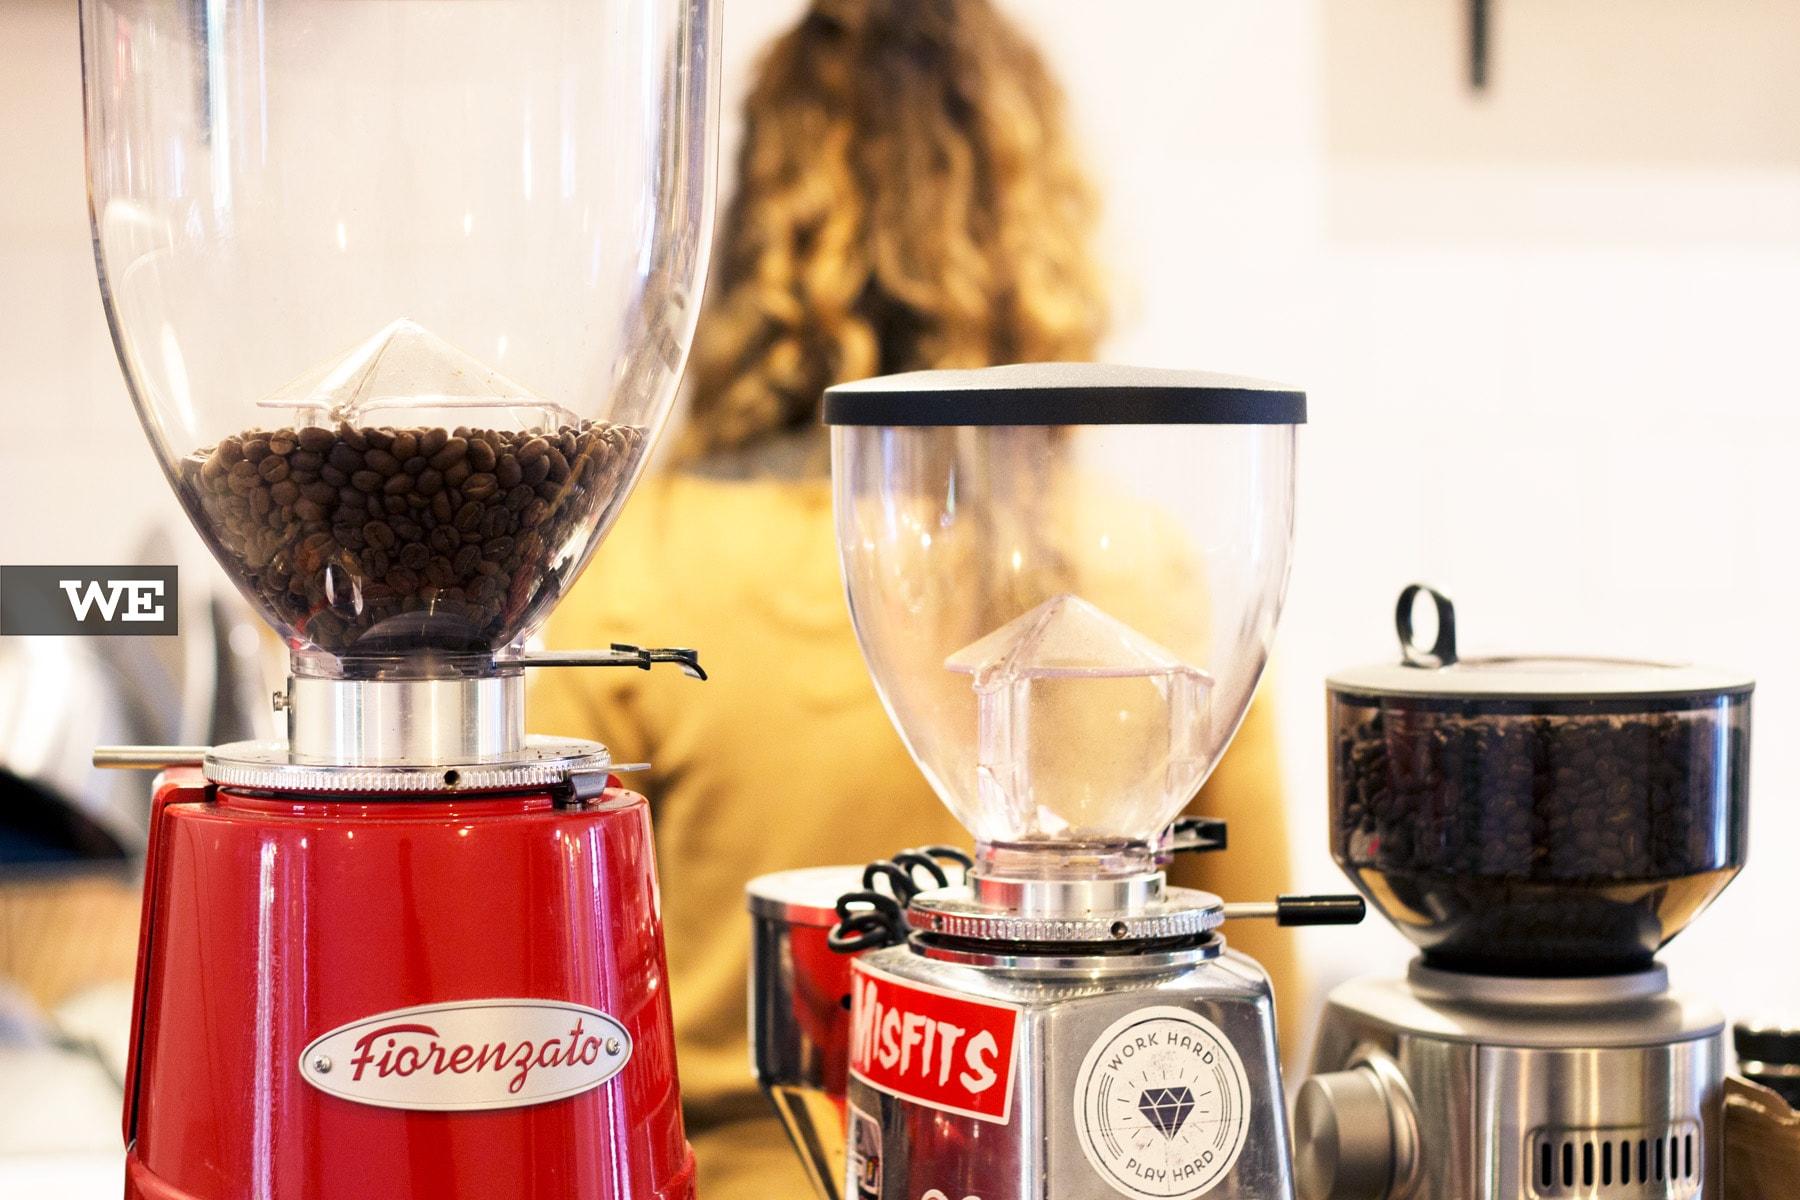 Café Nordico